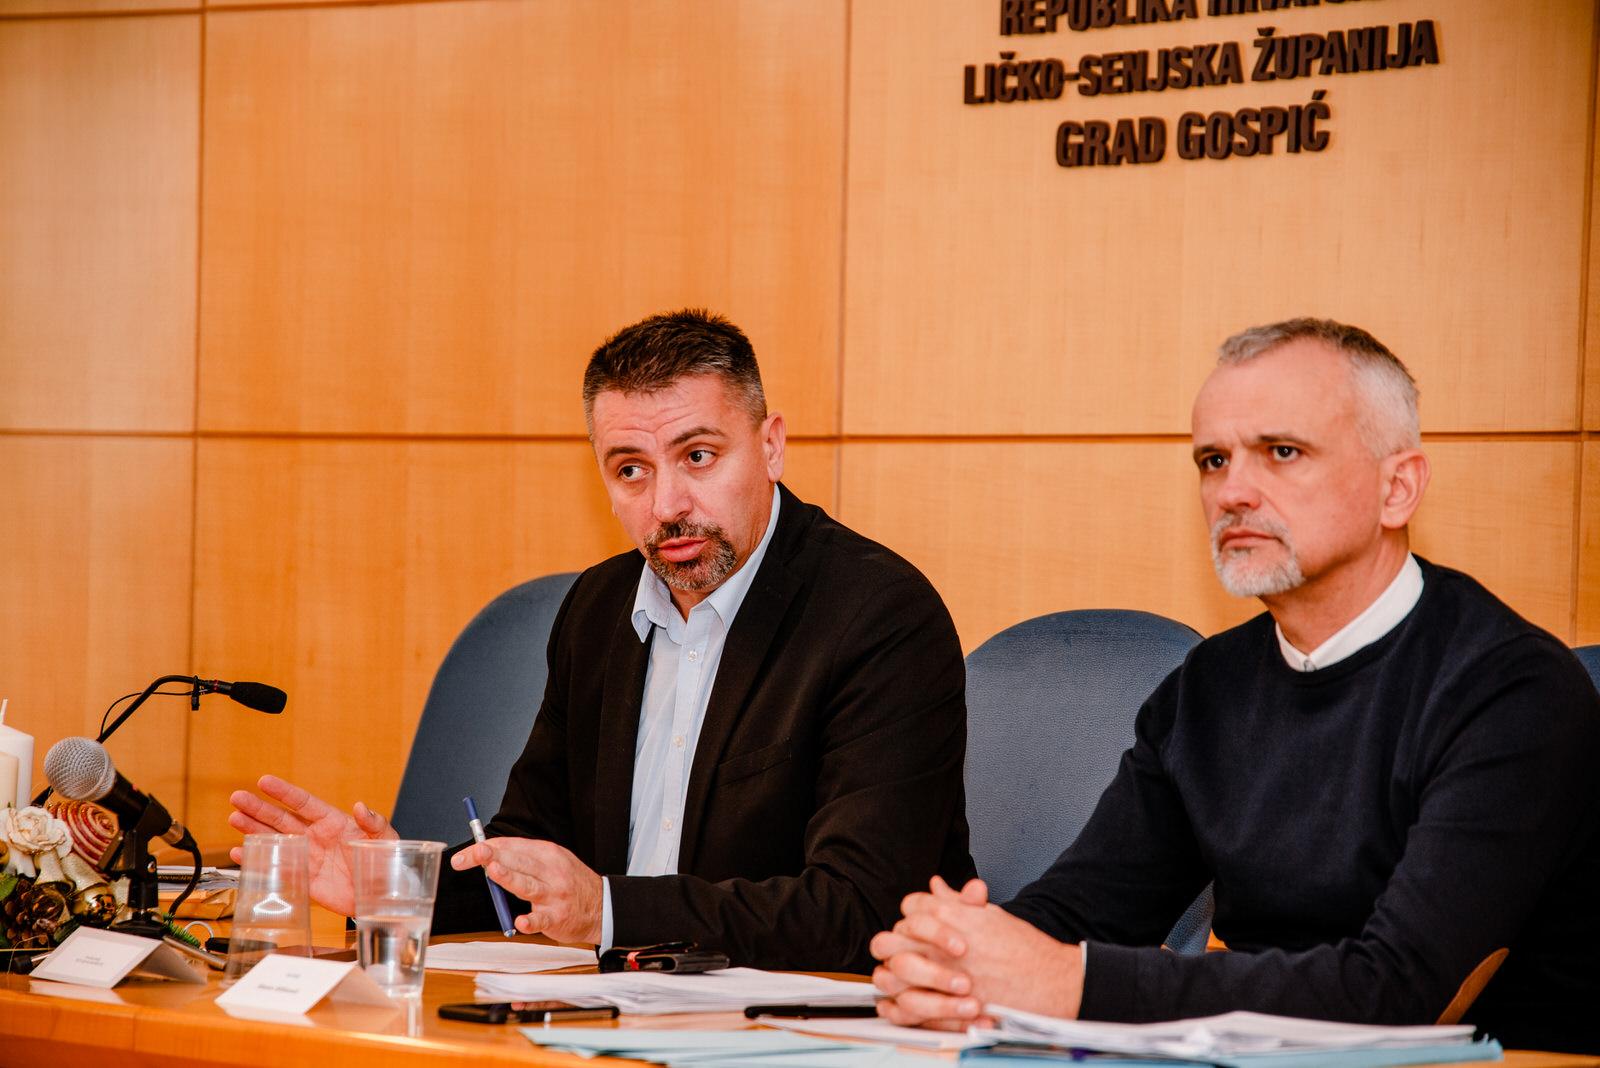 likaclub_27-sjednica-gradskog-vijeća_proračun_2019-4